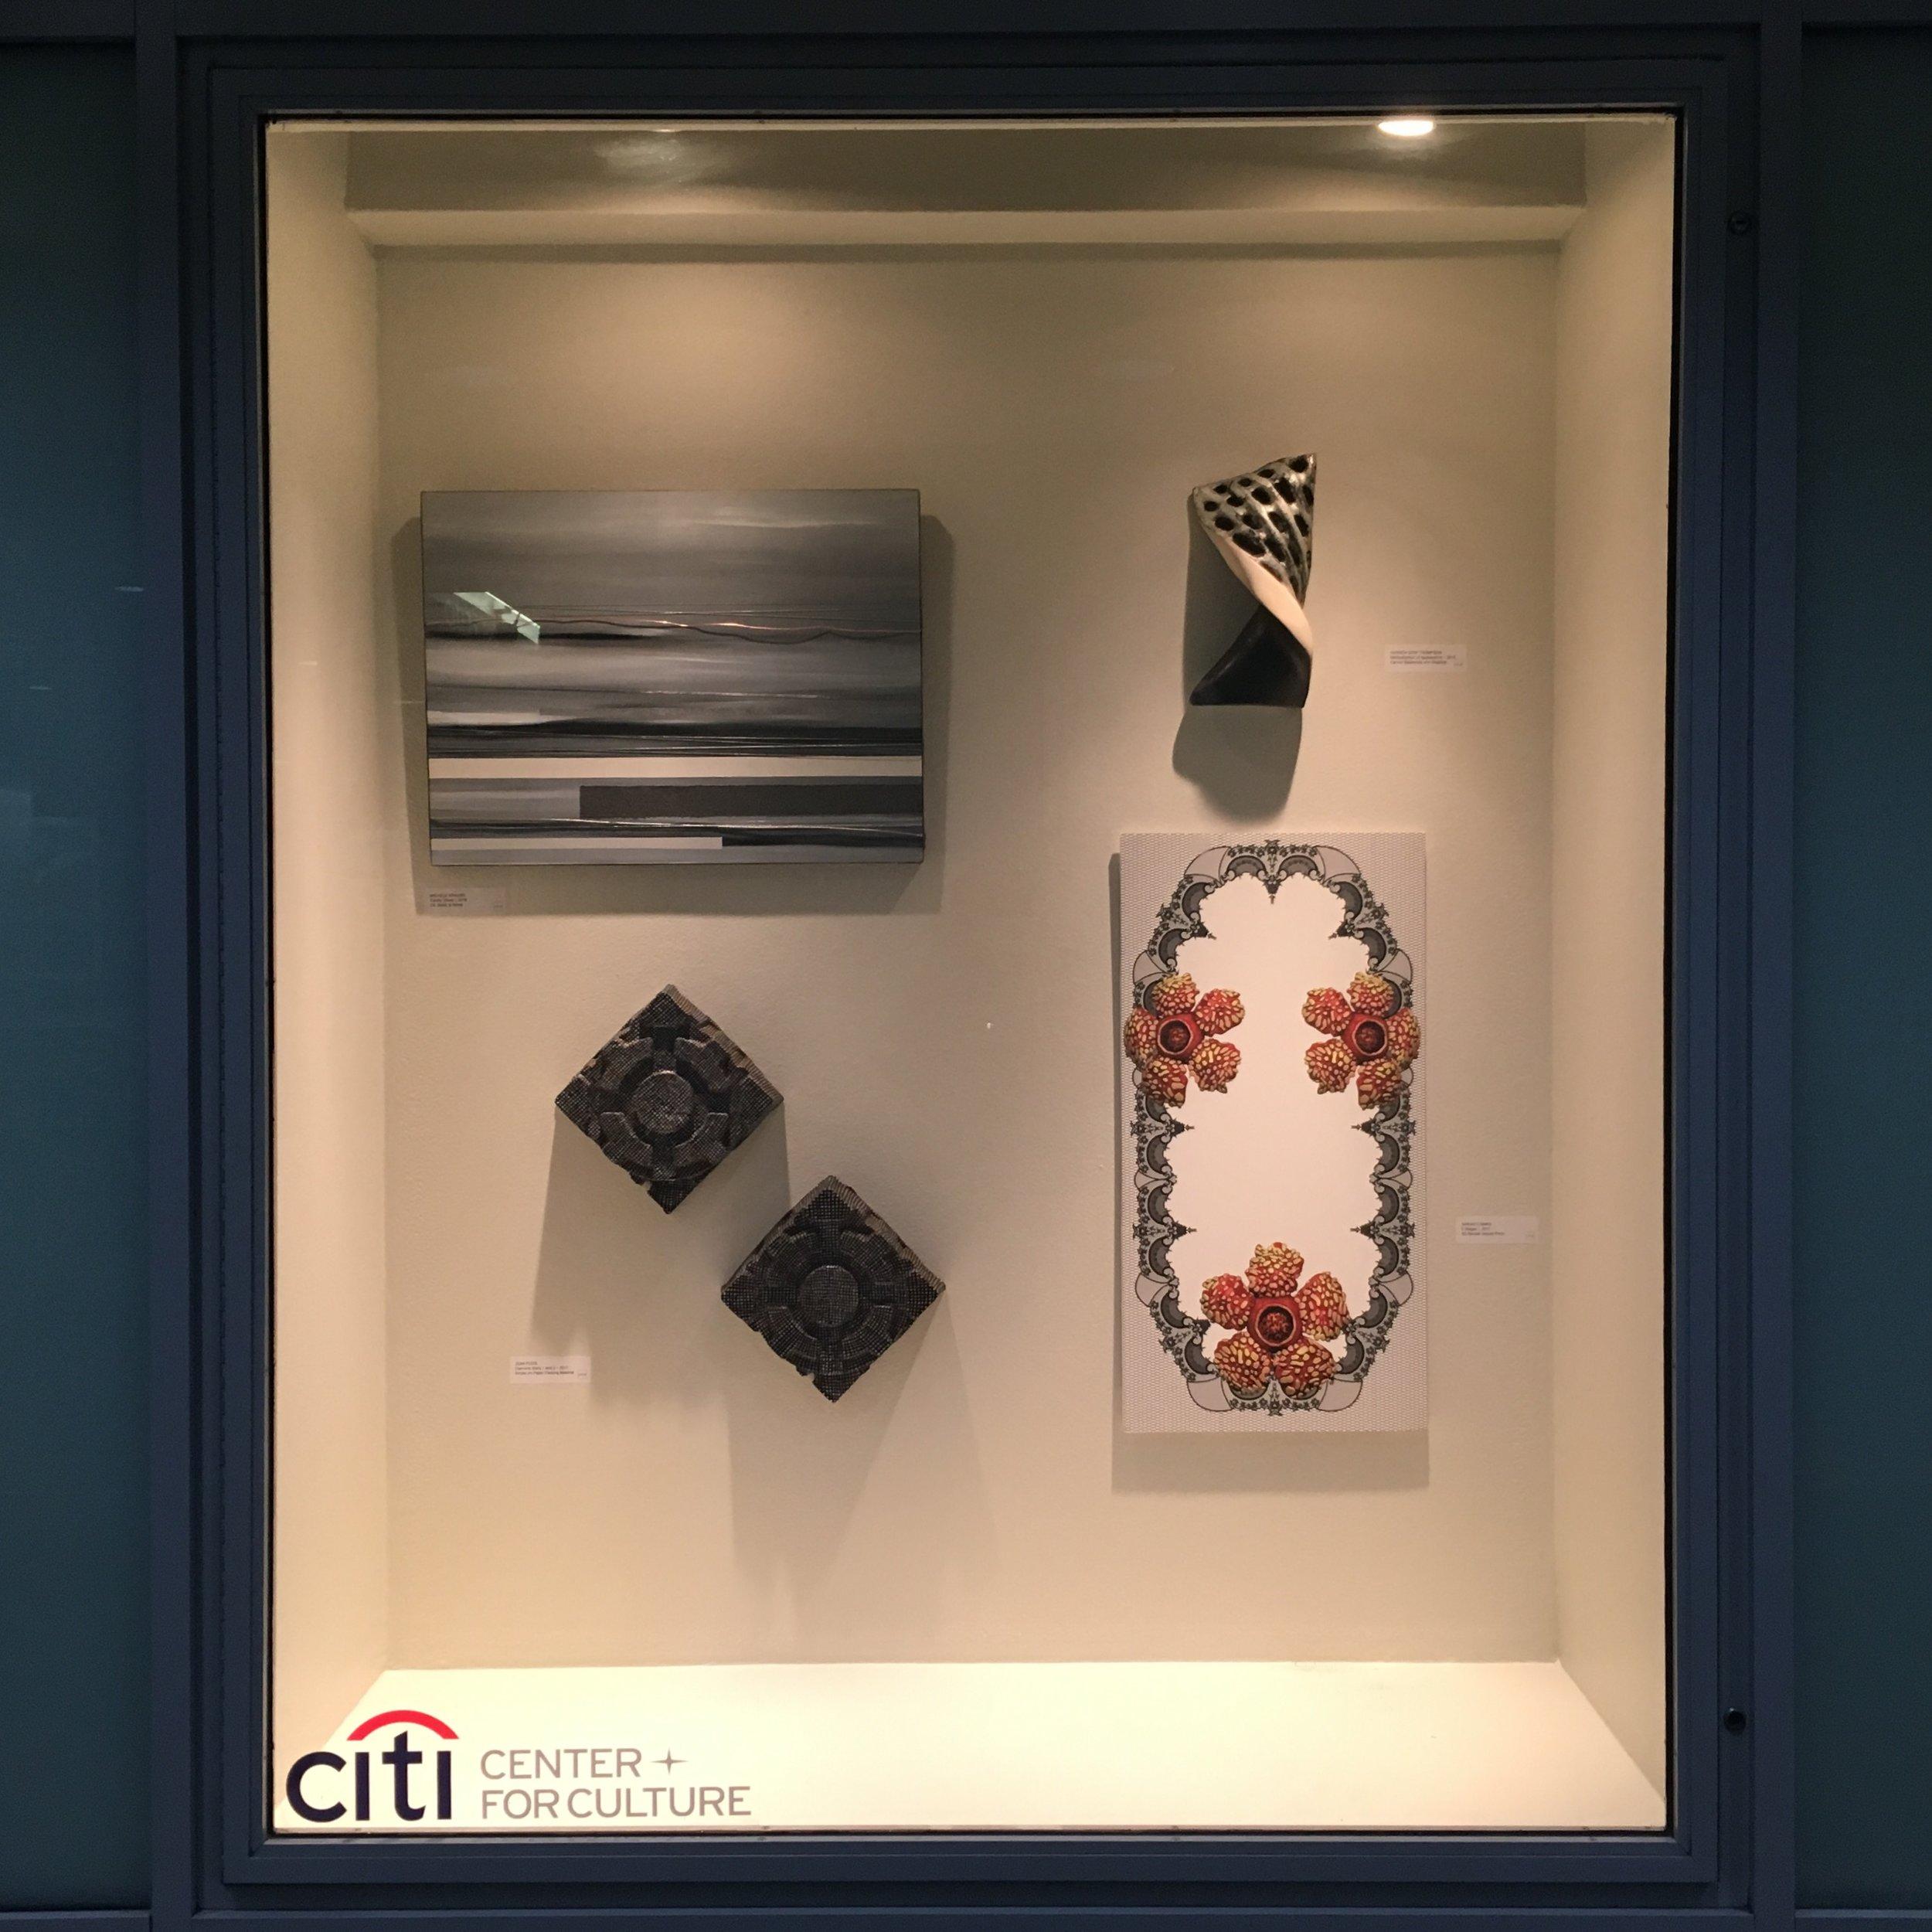 Citi deFord Gallery, LIC, NY - 2017